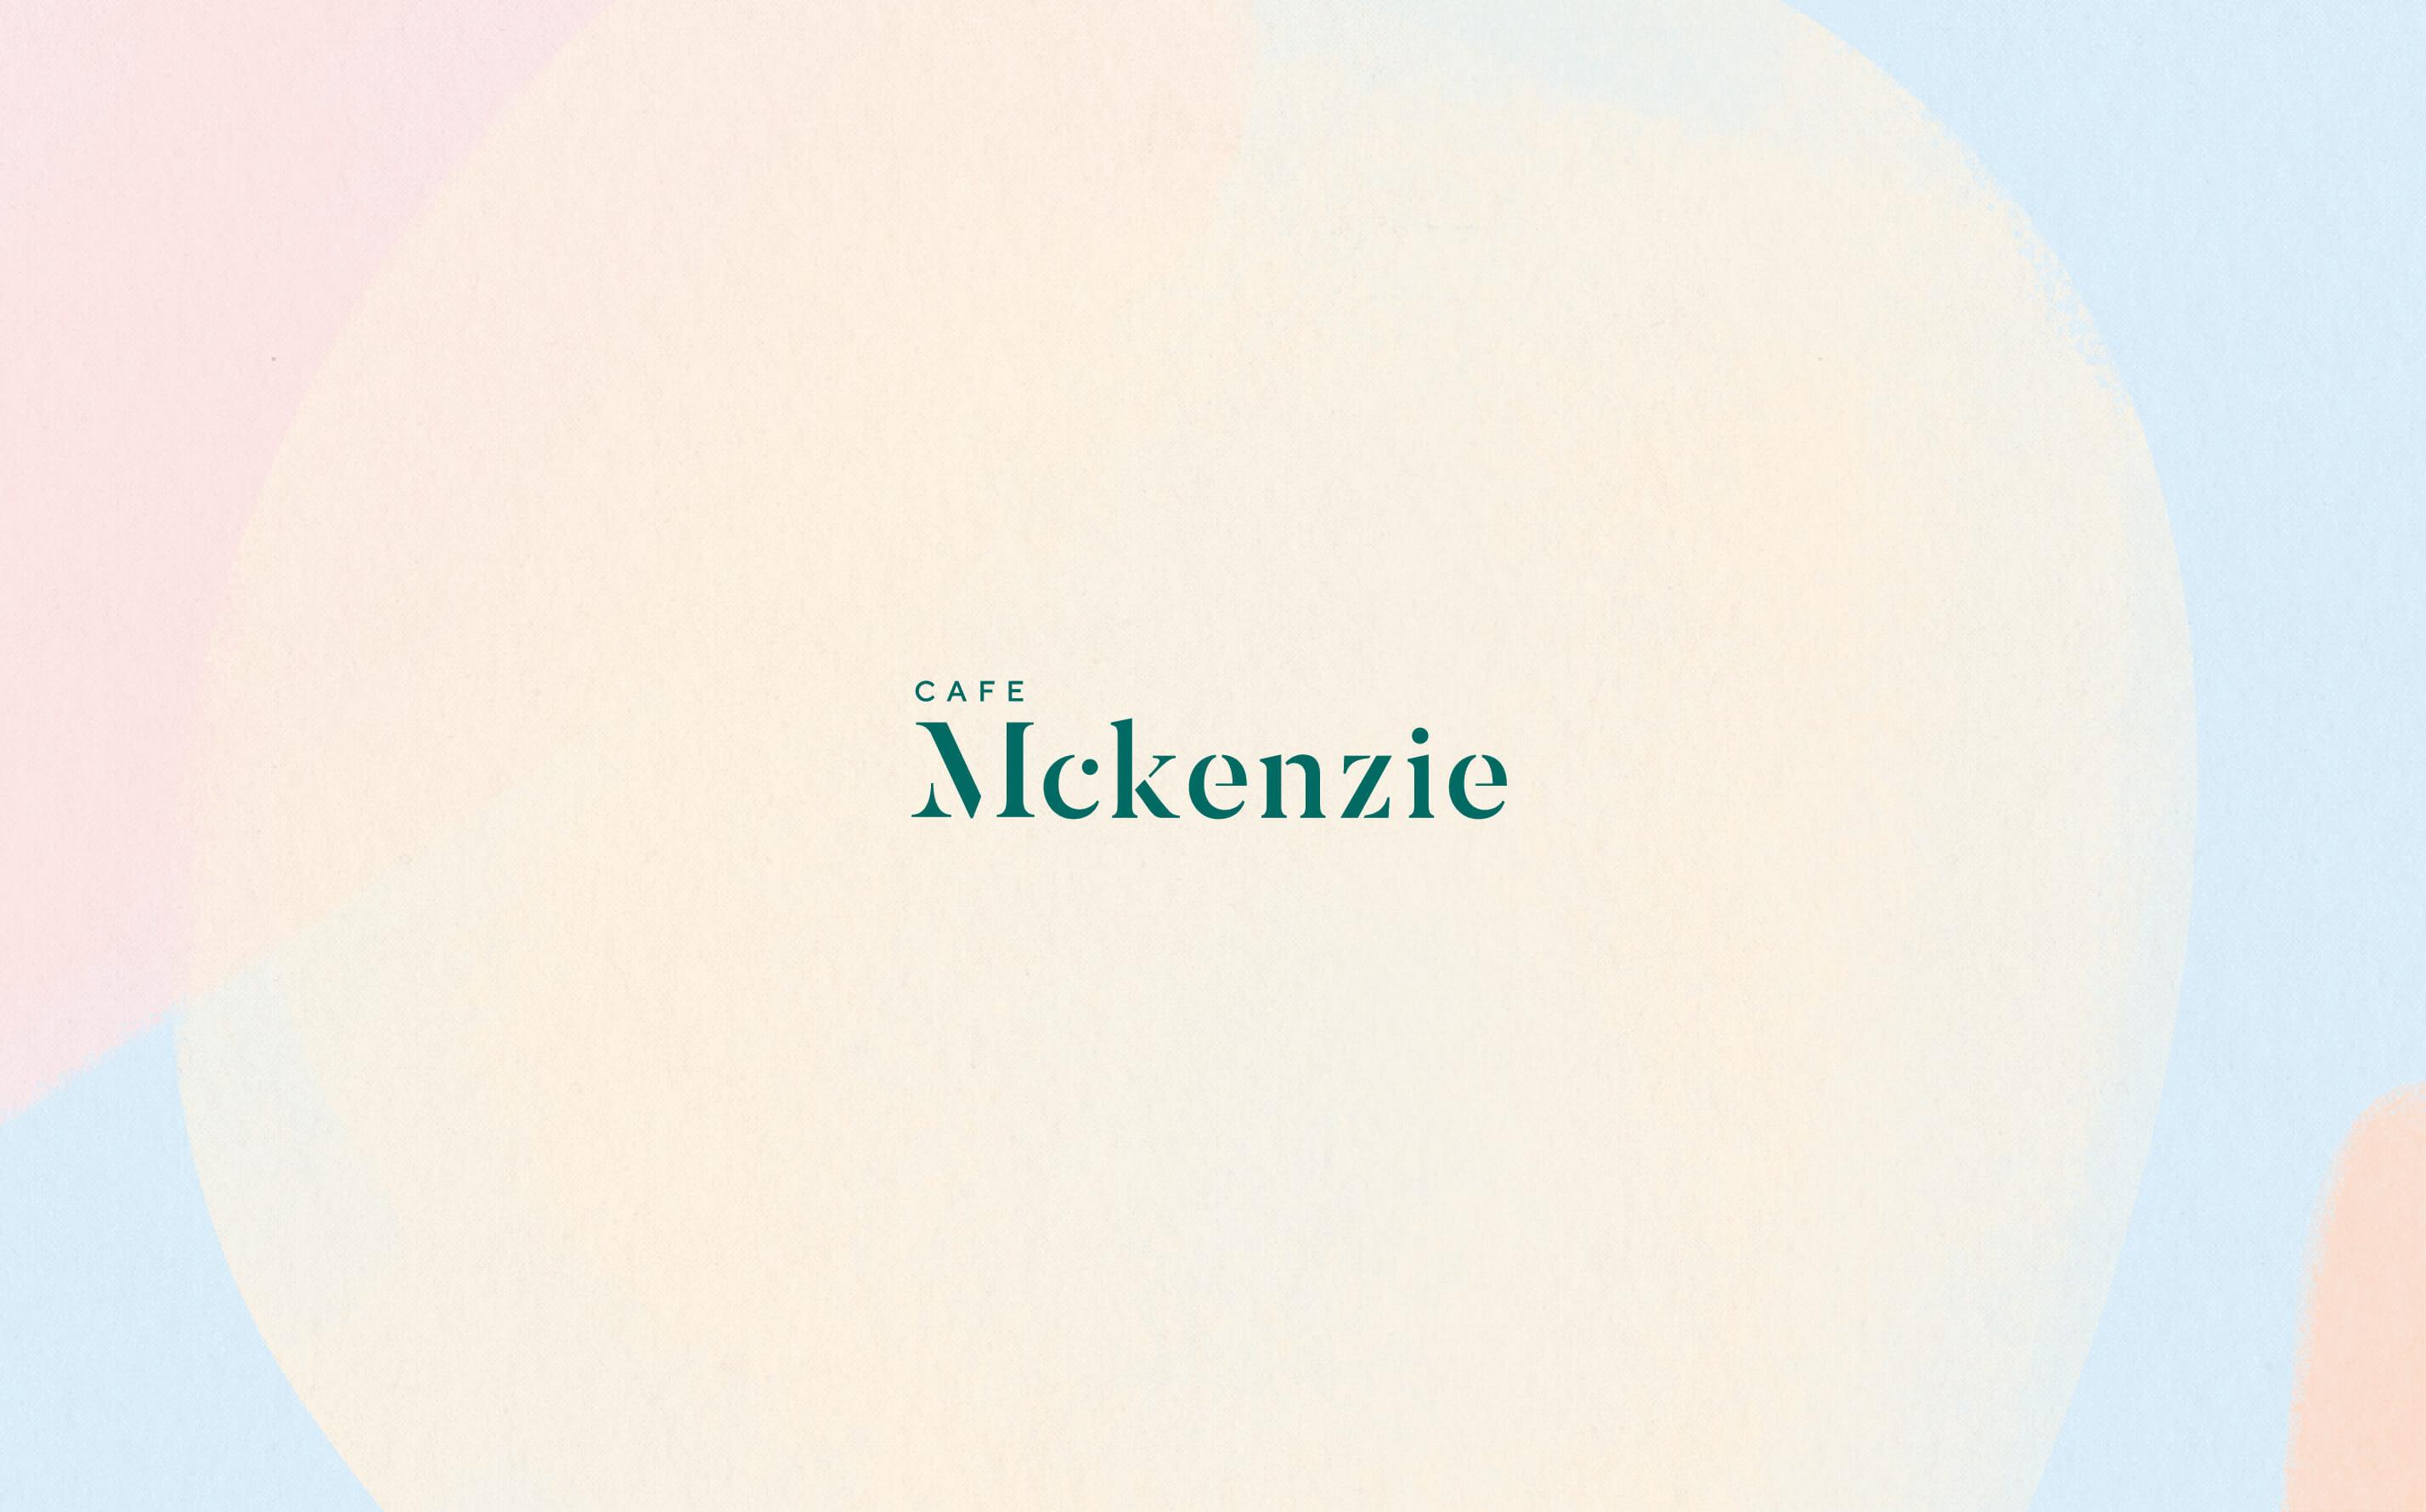 cafe-mckenzie-randwick-branding-design-cafe-A-01-01